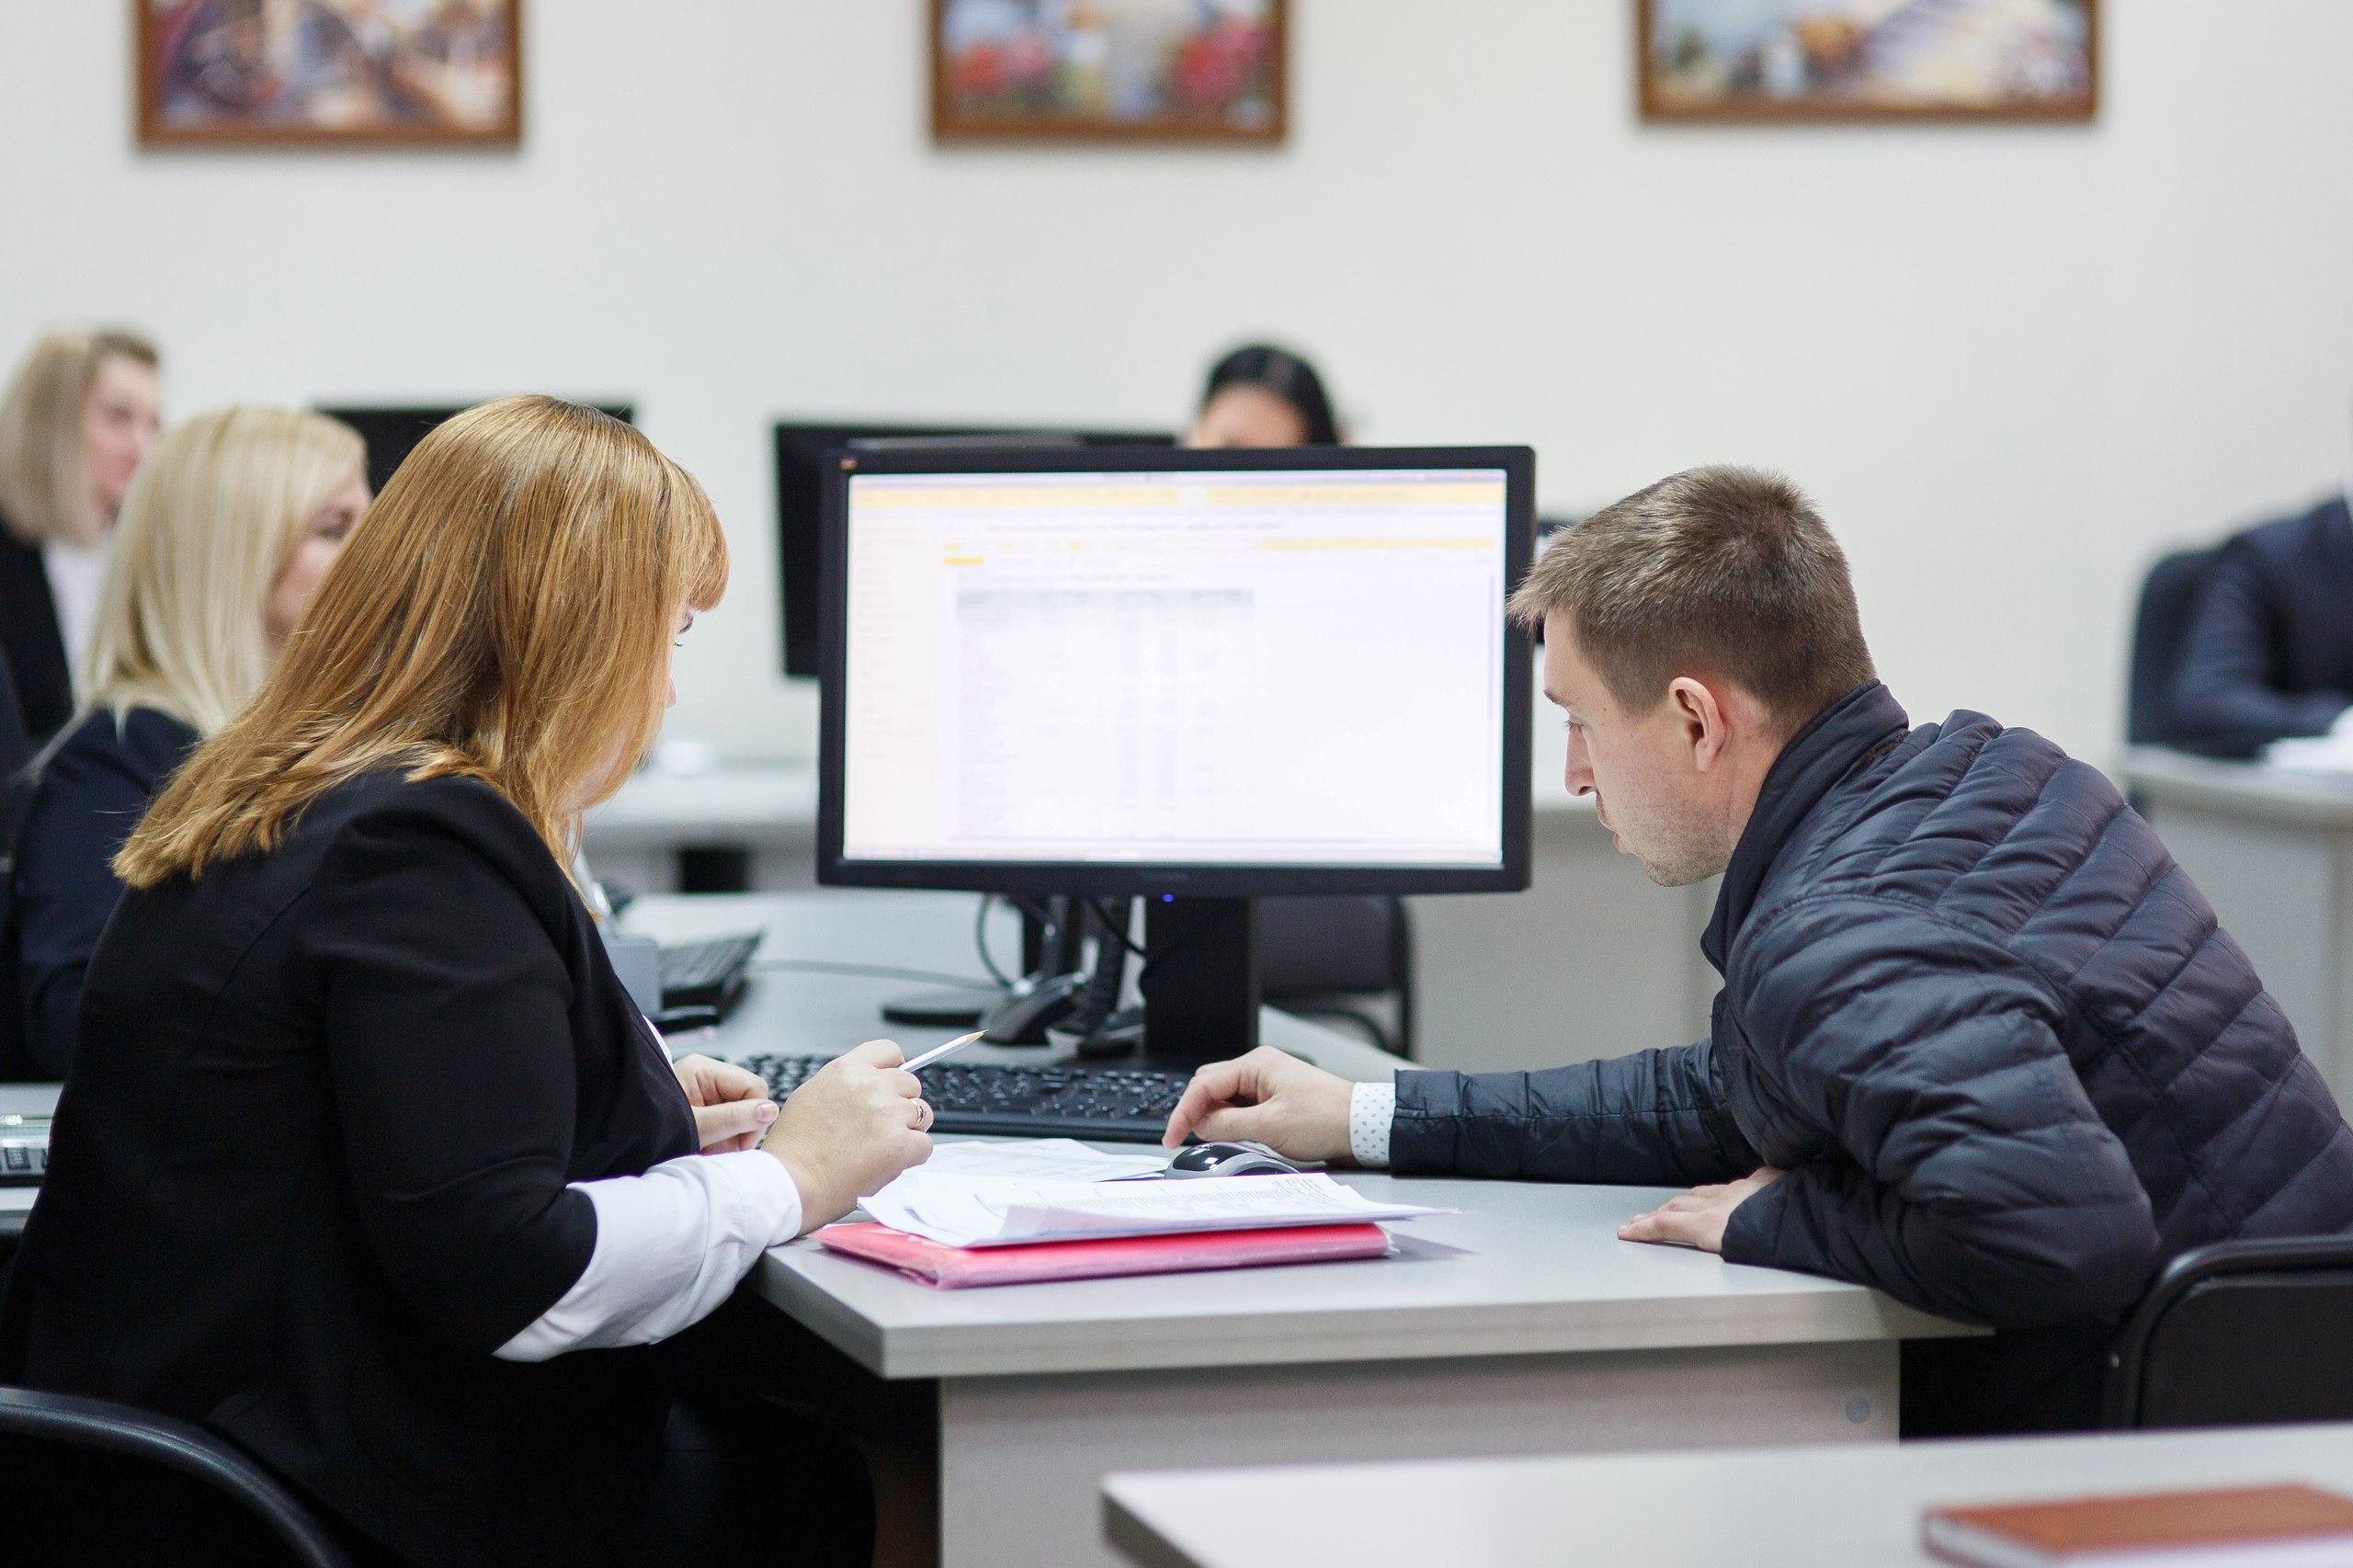 Бухгалтерское сопровождение в сургуте отчет после закрытия ип